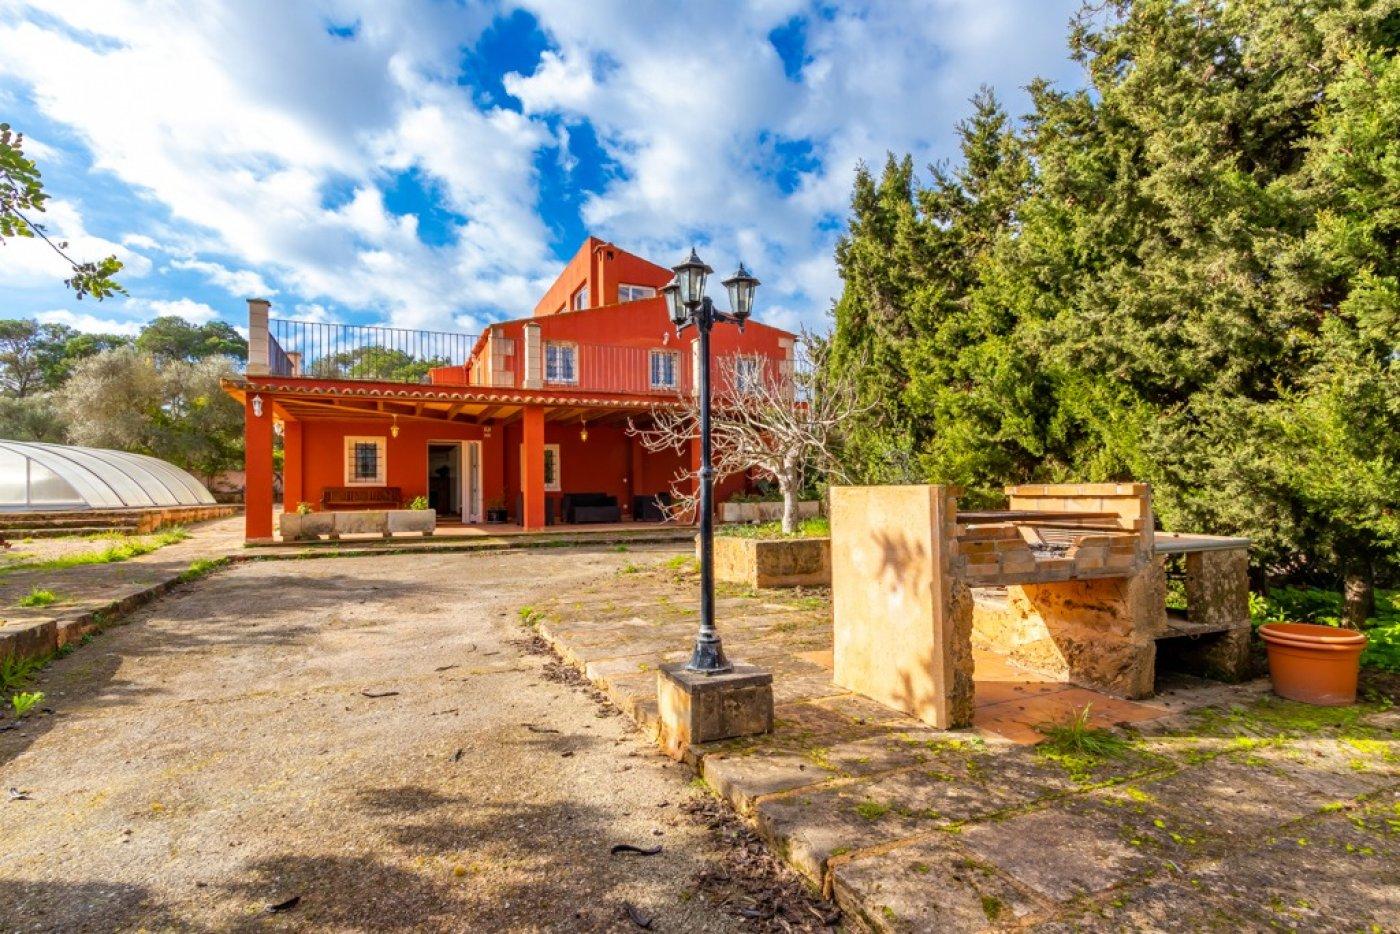 Magnifica villa en ses salines - can somni - ideal inversores turÍsticos - imagenInmueble3